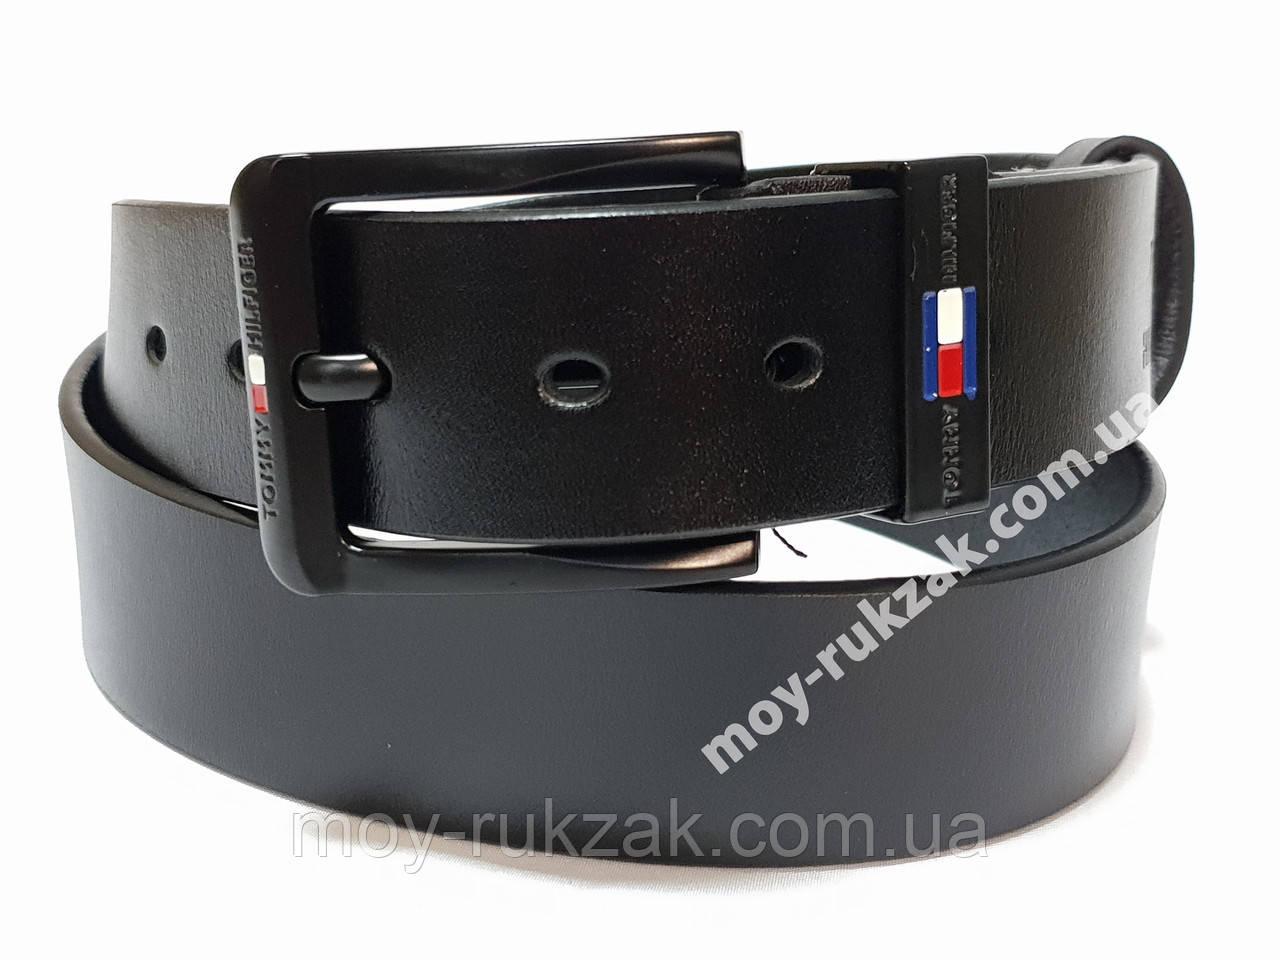 Ремень мужской кожаный Tommy Hilfiger 40 мм., реплика арт. 930644